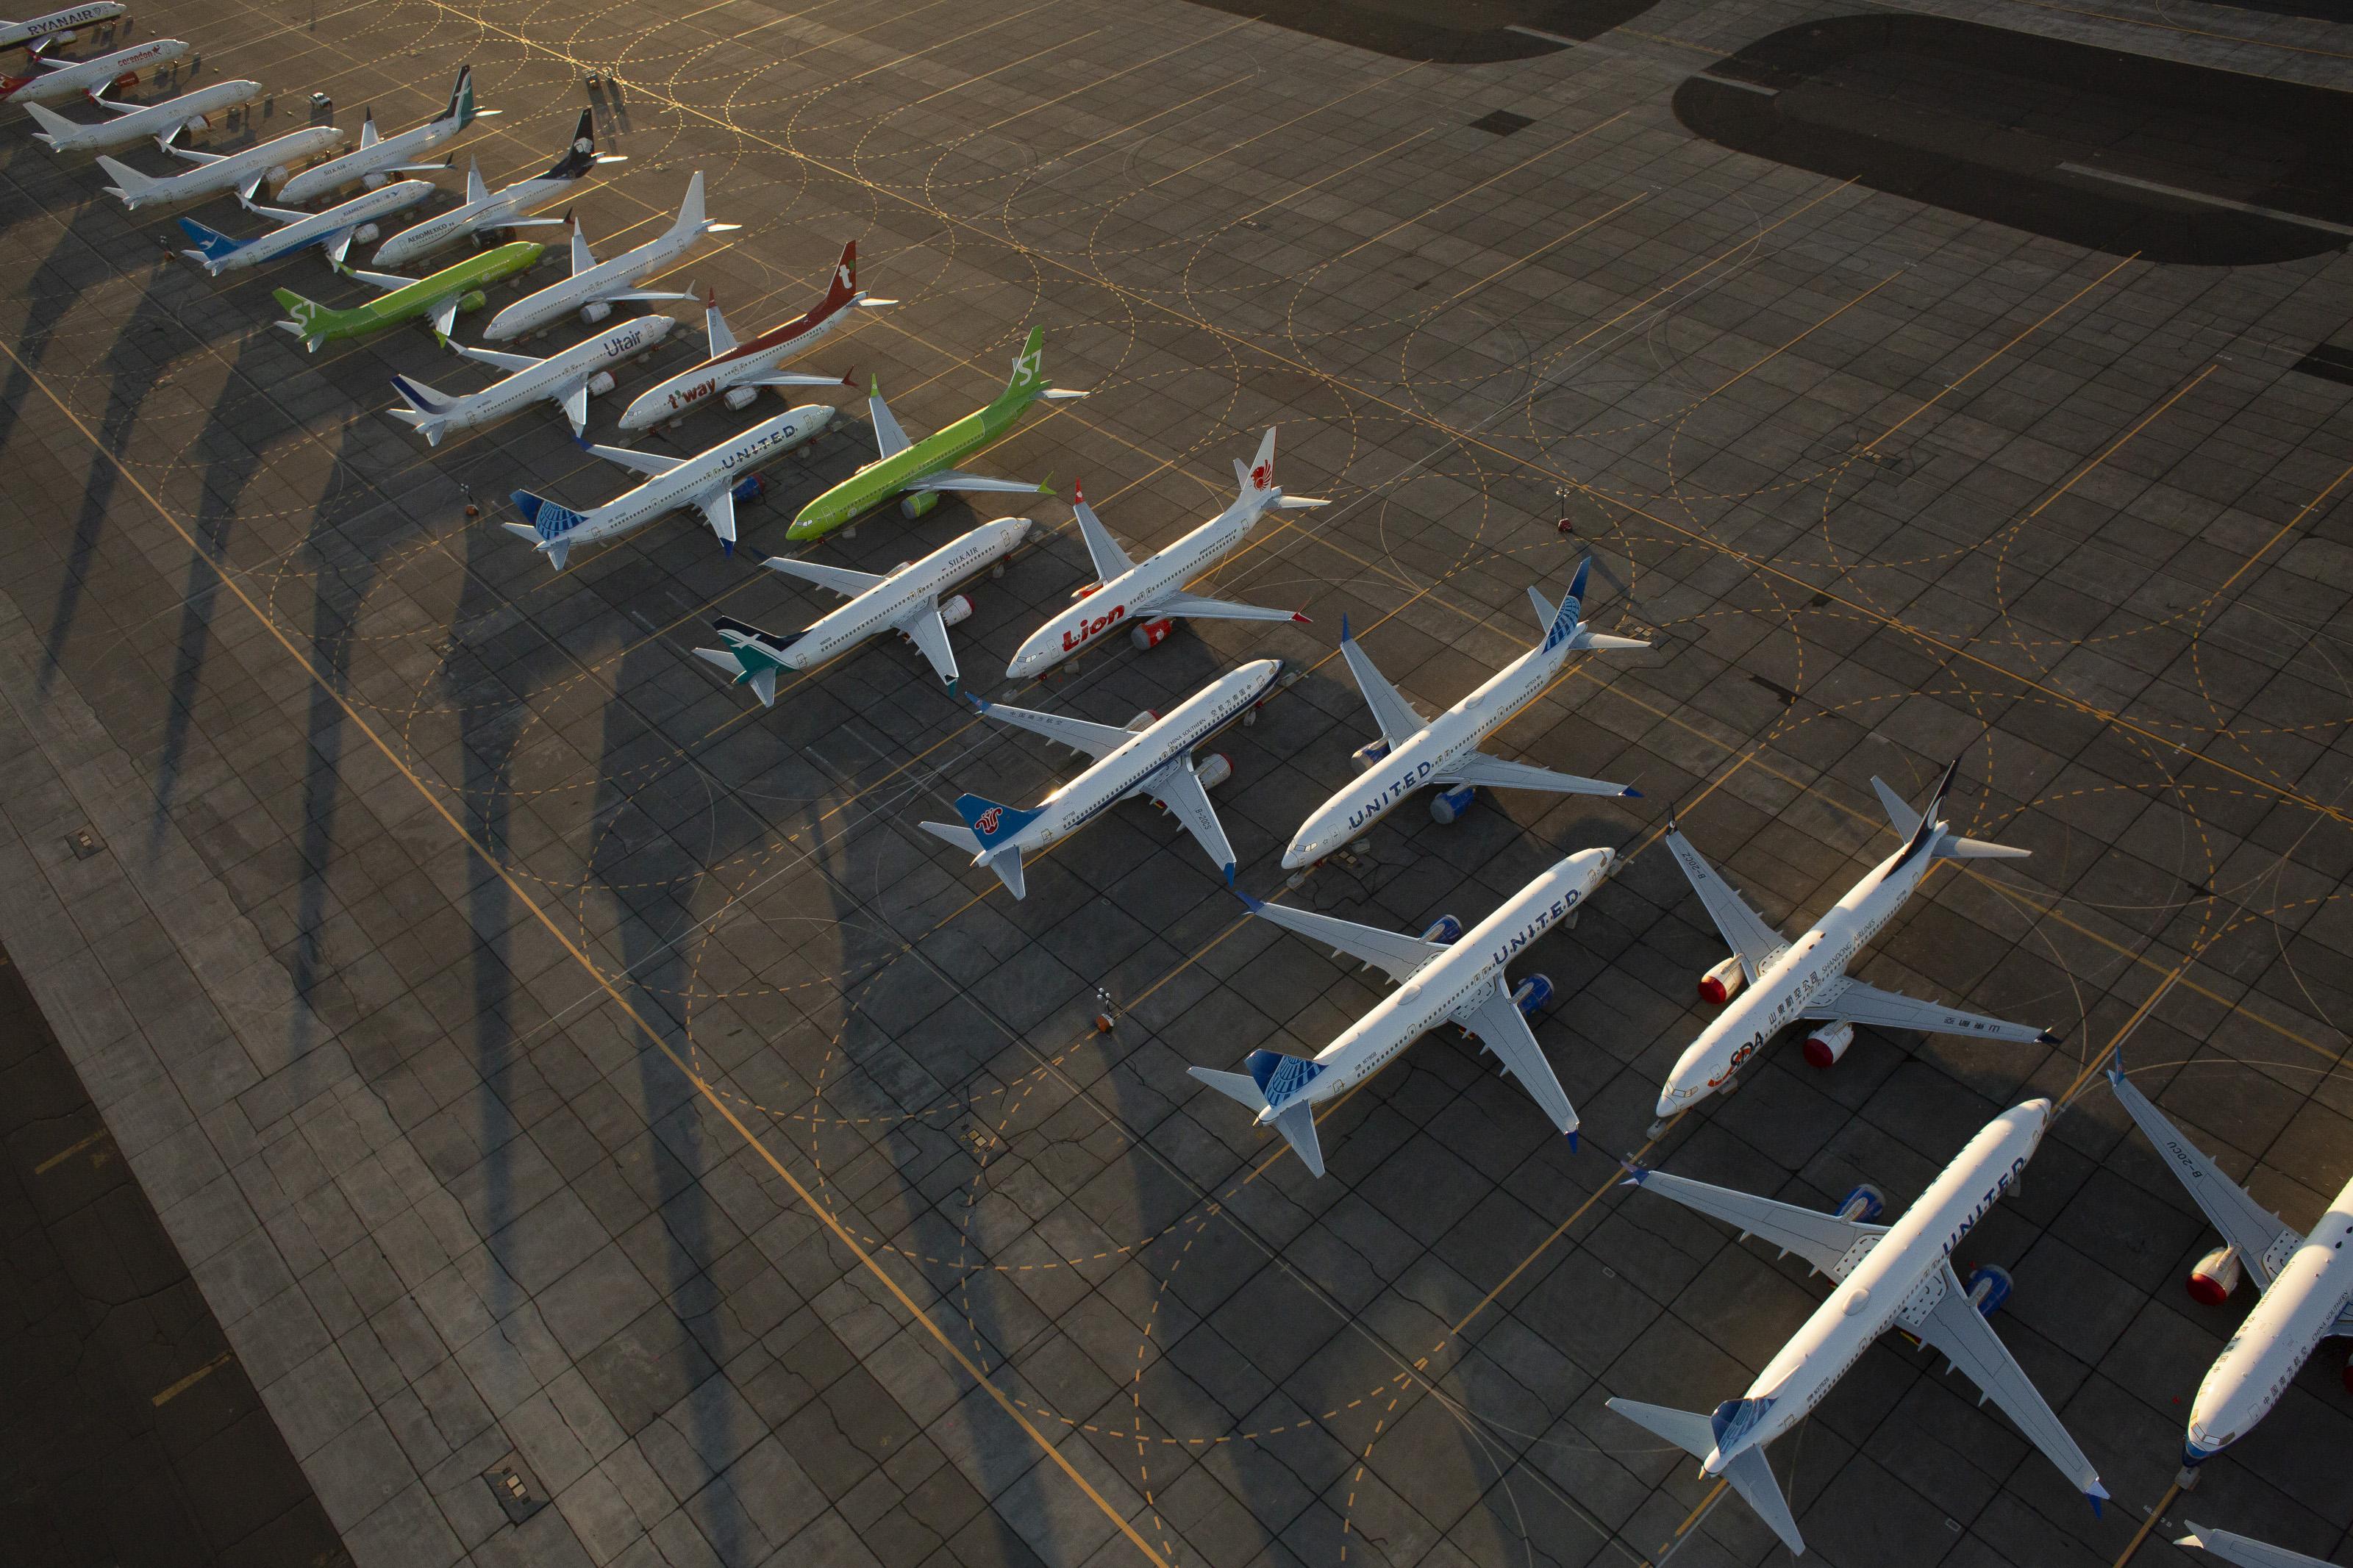 A Boeing és az engedélyező hatóság is felelős a 737 Maxok tragédiájáért